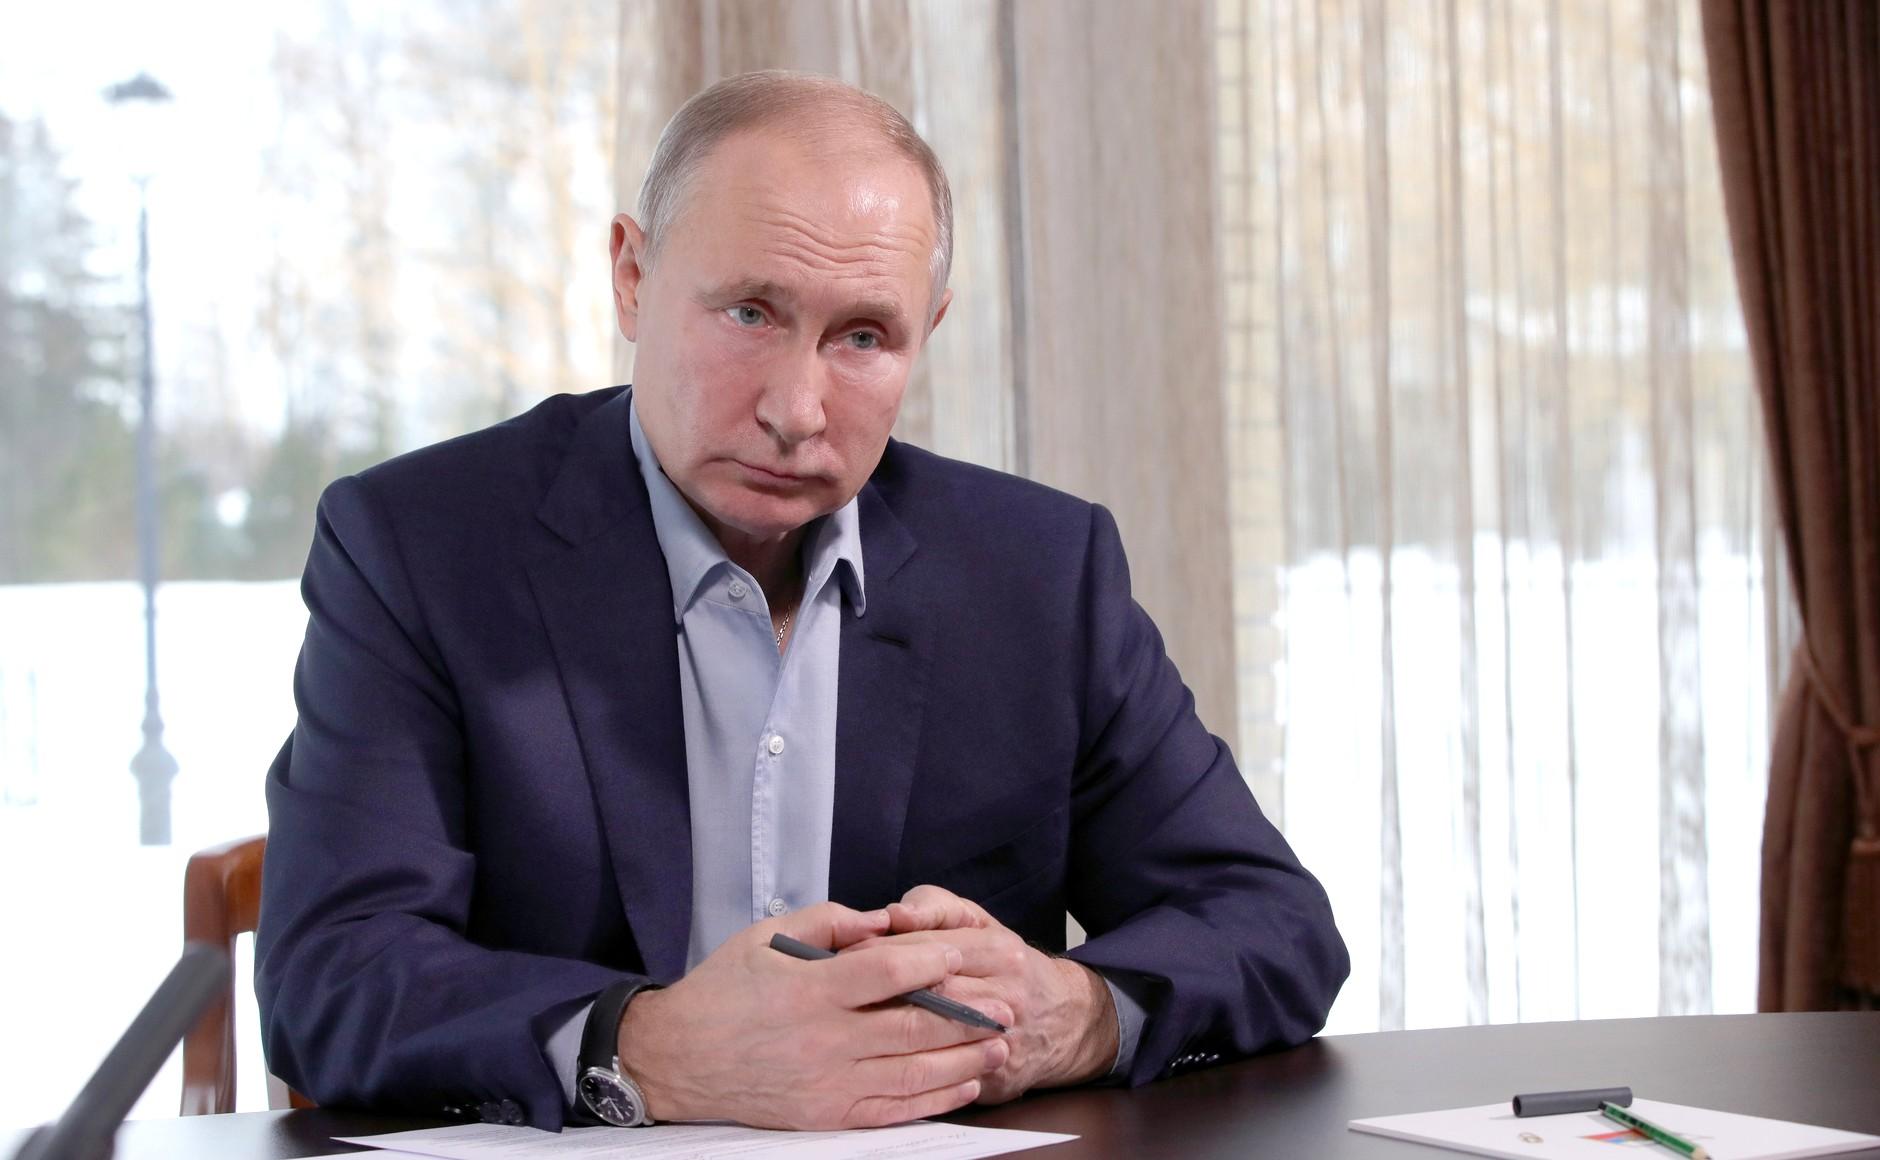 Акции «Абрау Дюрсо» выросли на 10%. Путин упомянул ее, отвечая на вопрос о дворце из расследования Навального